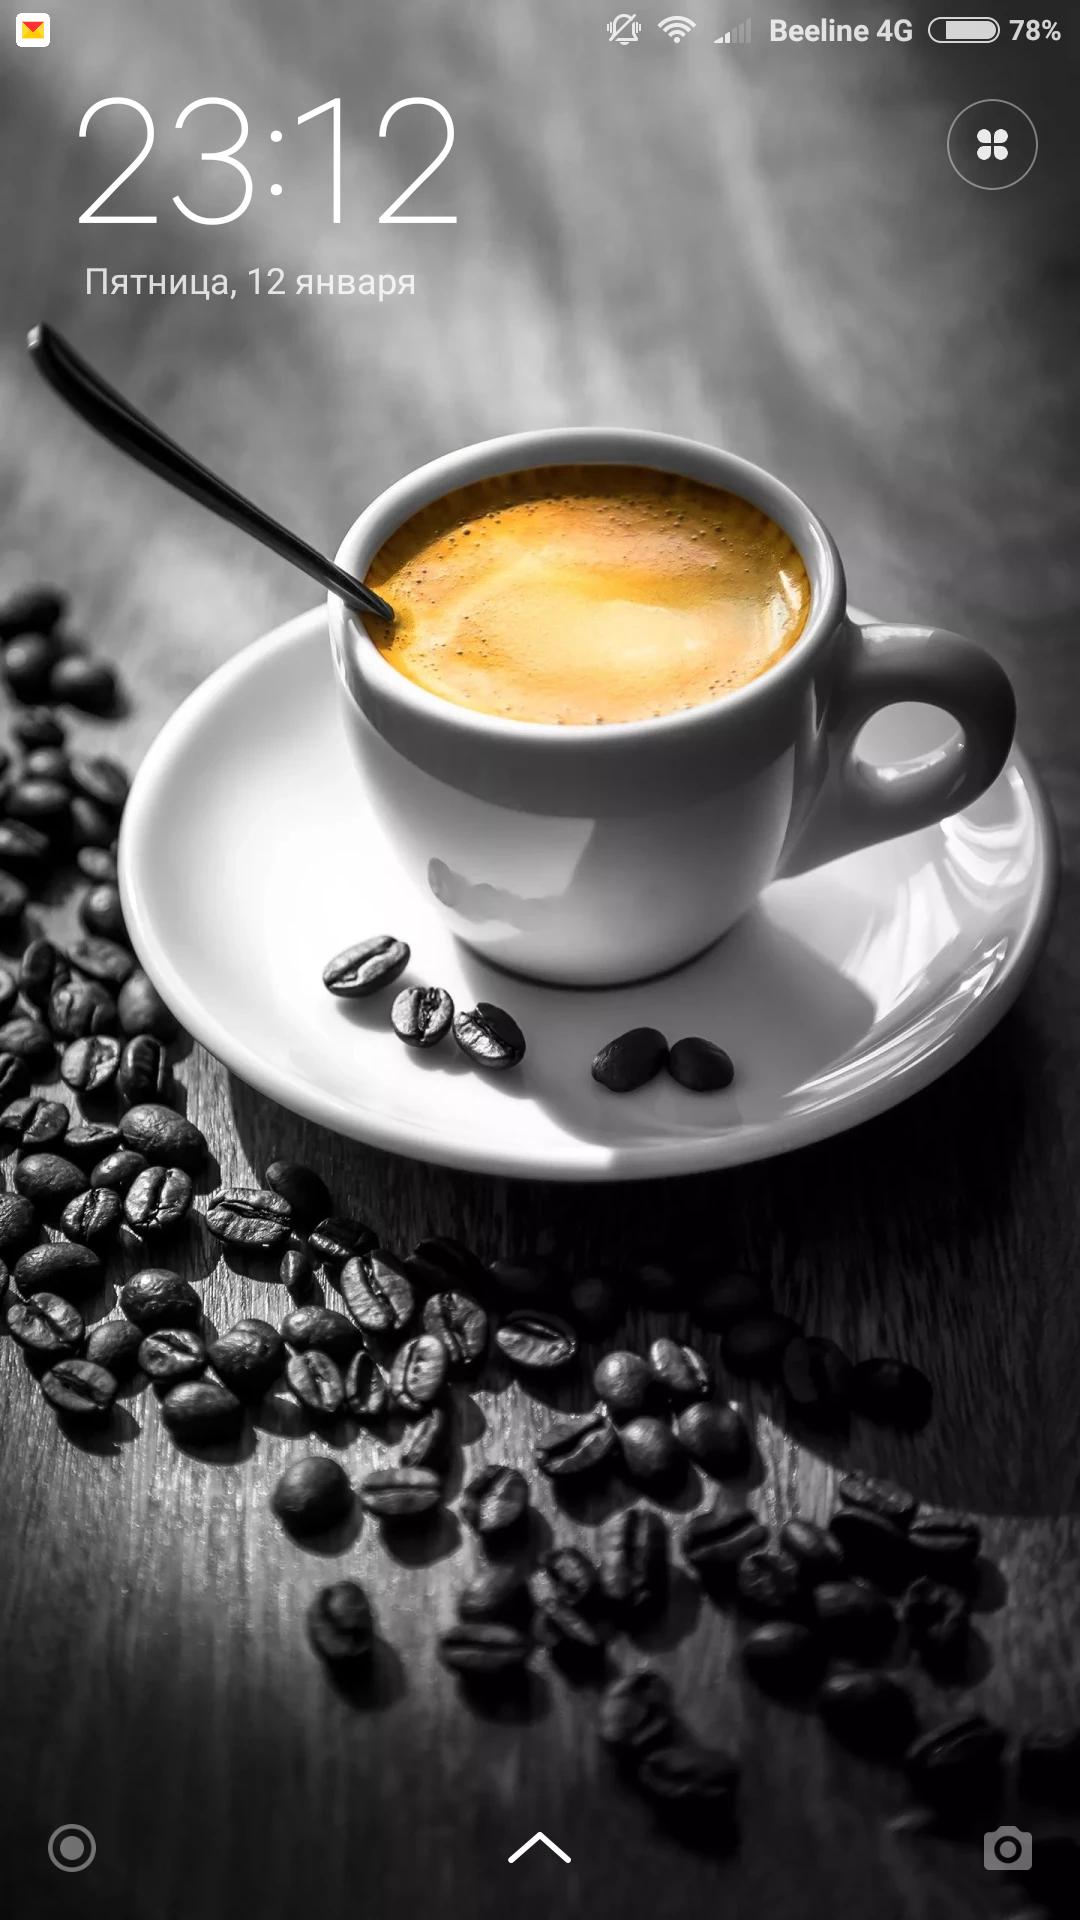 Обои записка, кофе. Разное foto 2